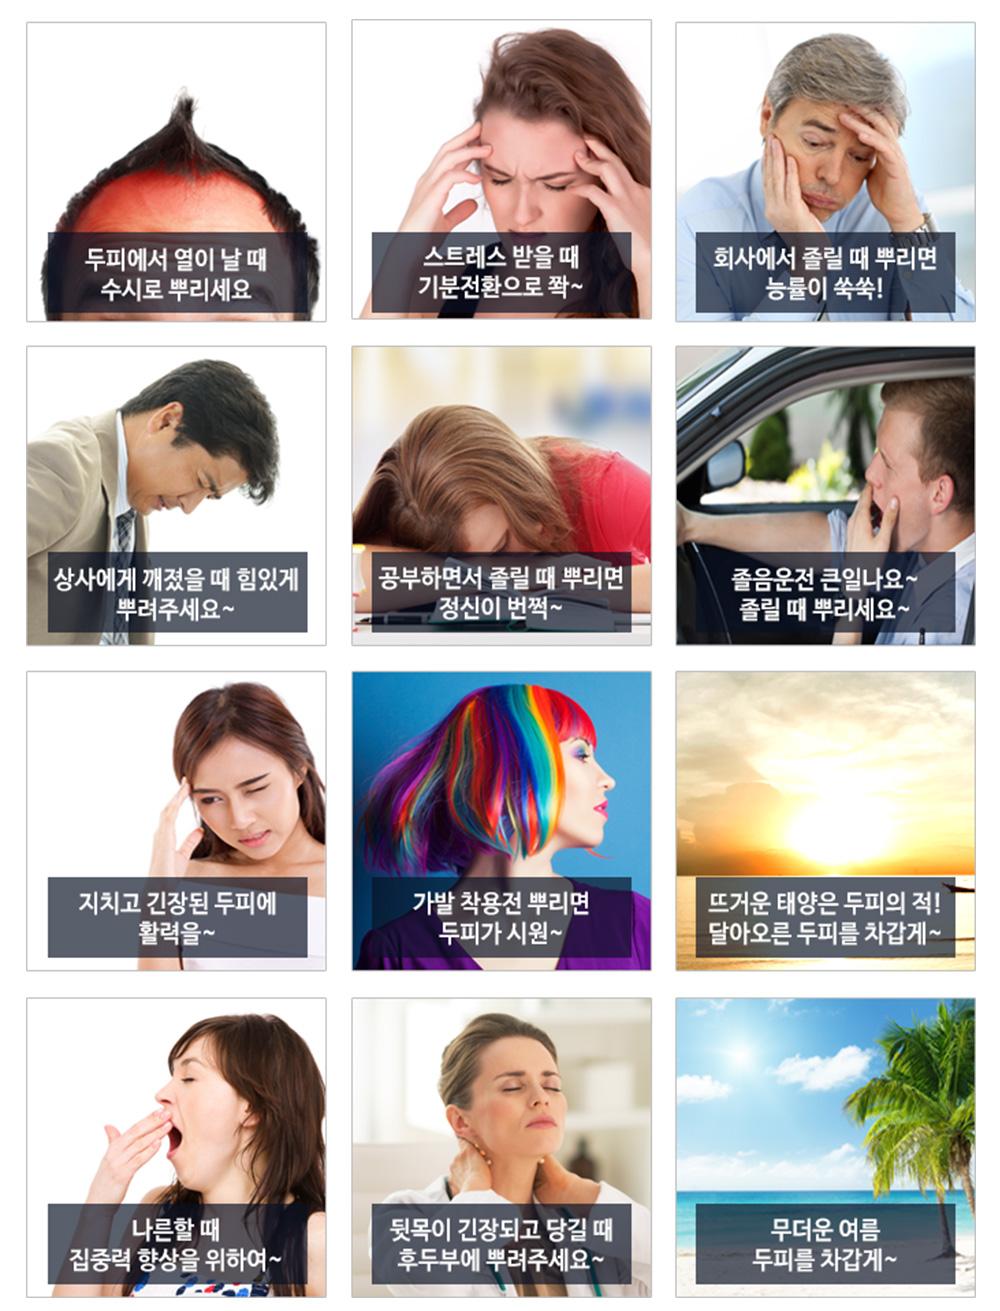 스트레스싹을 뿌리면 좋은 상황 12가지 이미지